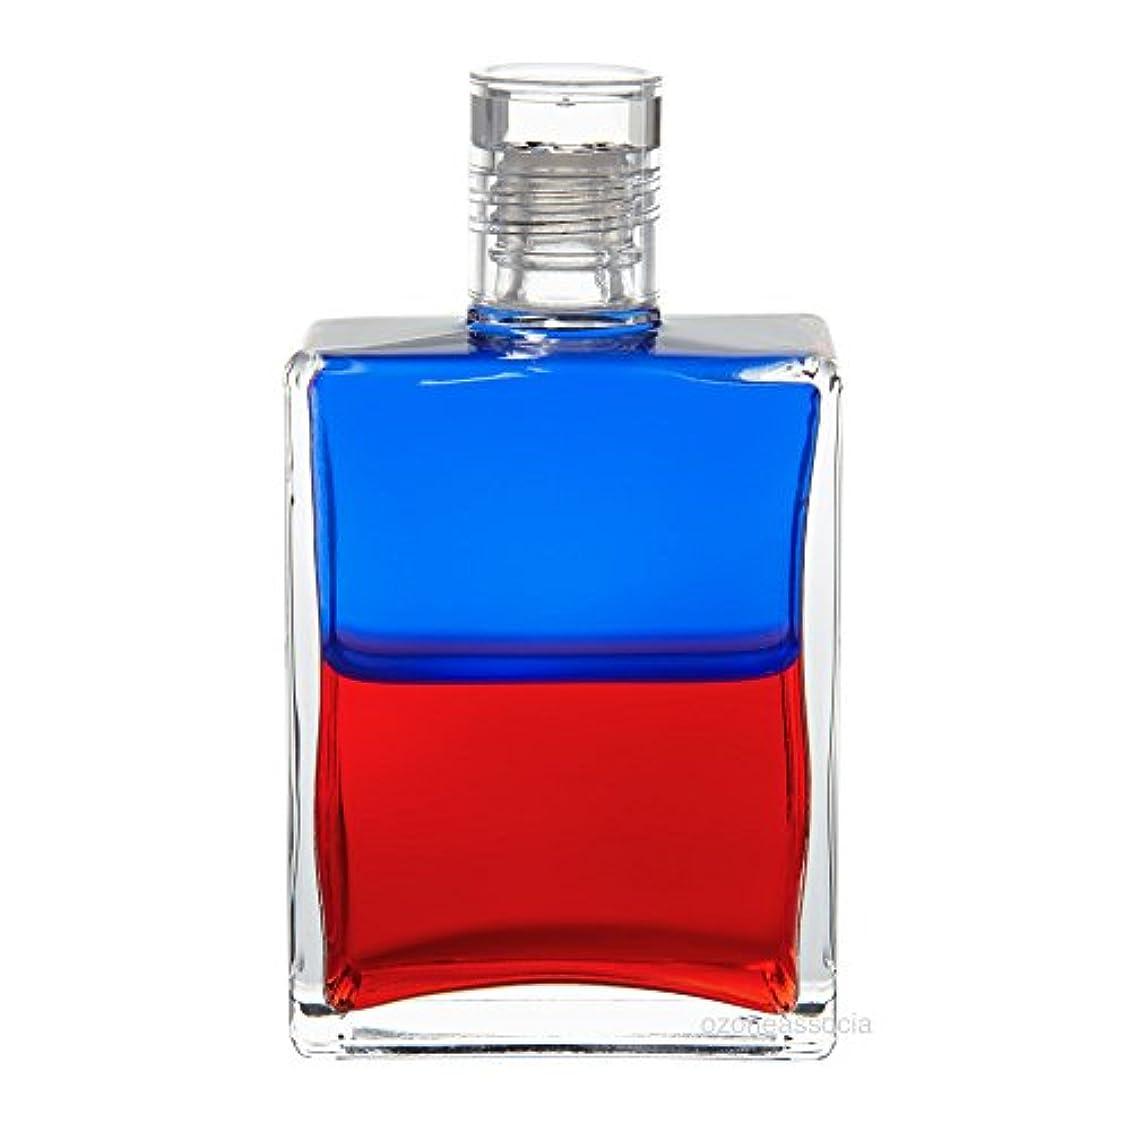 アートせがむどんよりしたオーラソーマ ボトル 30番  天を地にもたらす (ブルー/レッド) イクイリブリアムボトル50ml Aurasoma